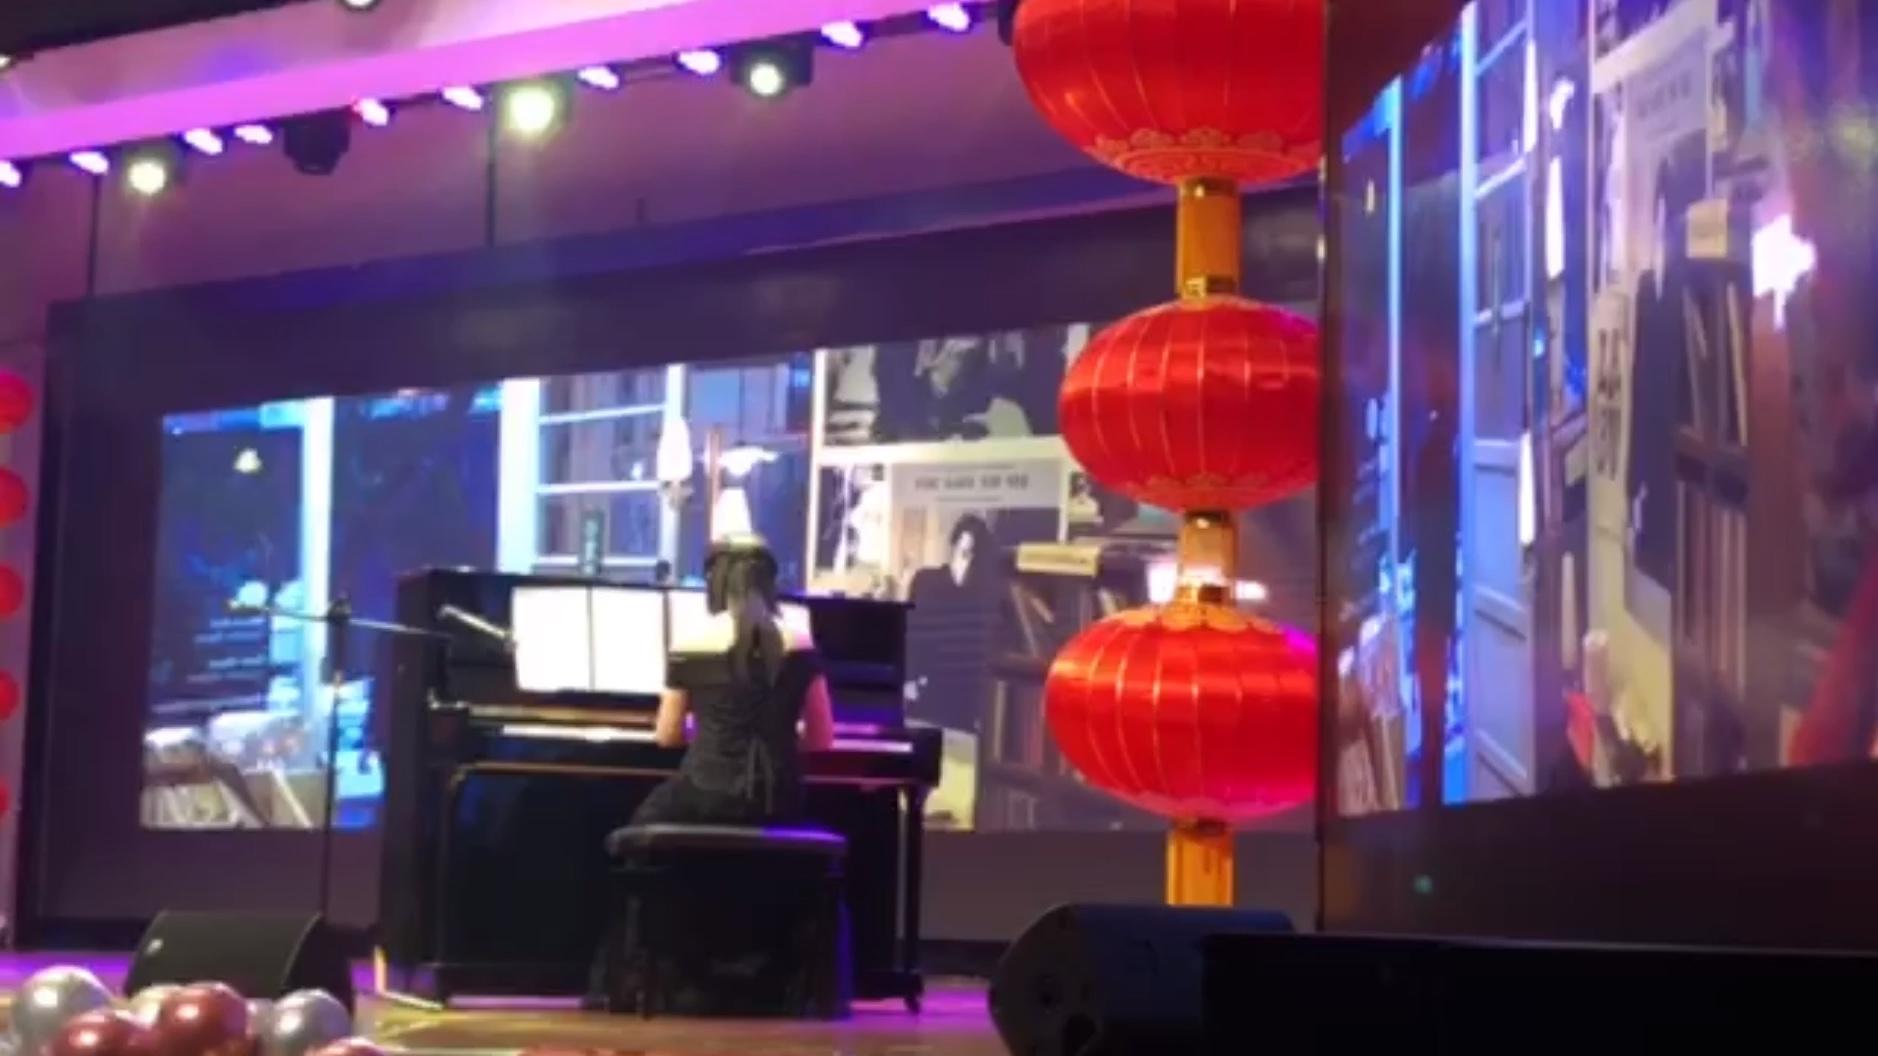 中国科学院新春联欢会-不能说的秘密《secret》